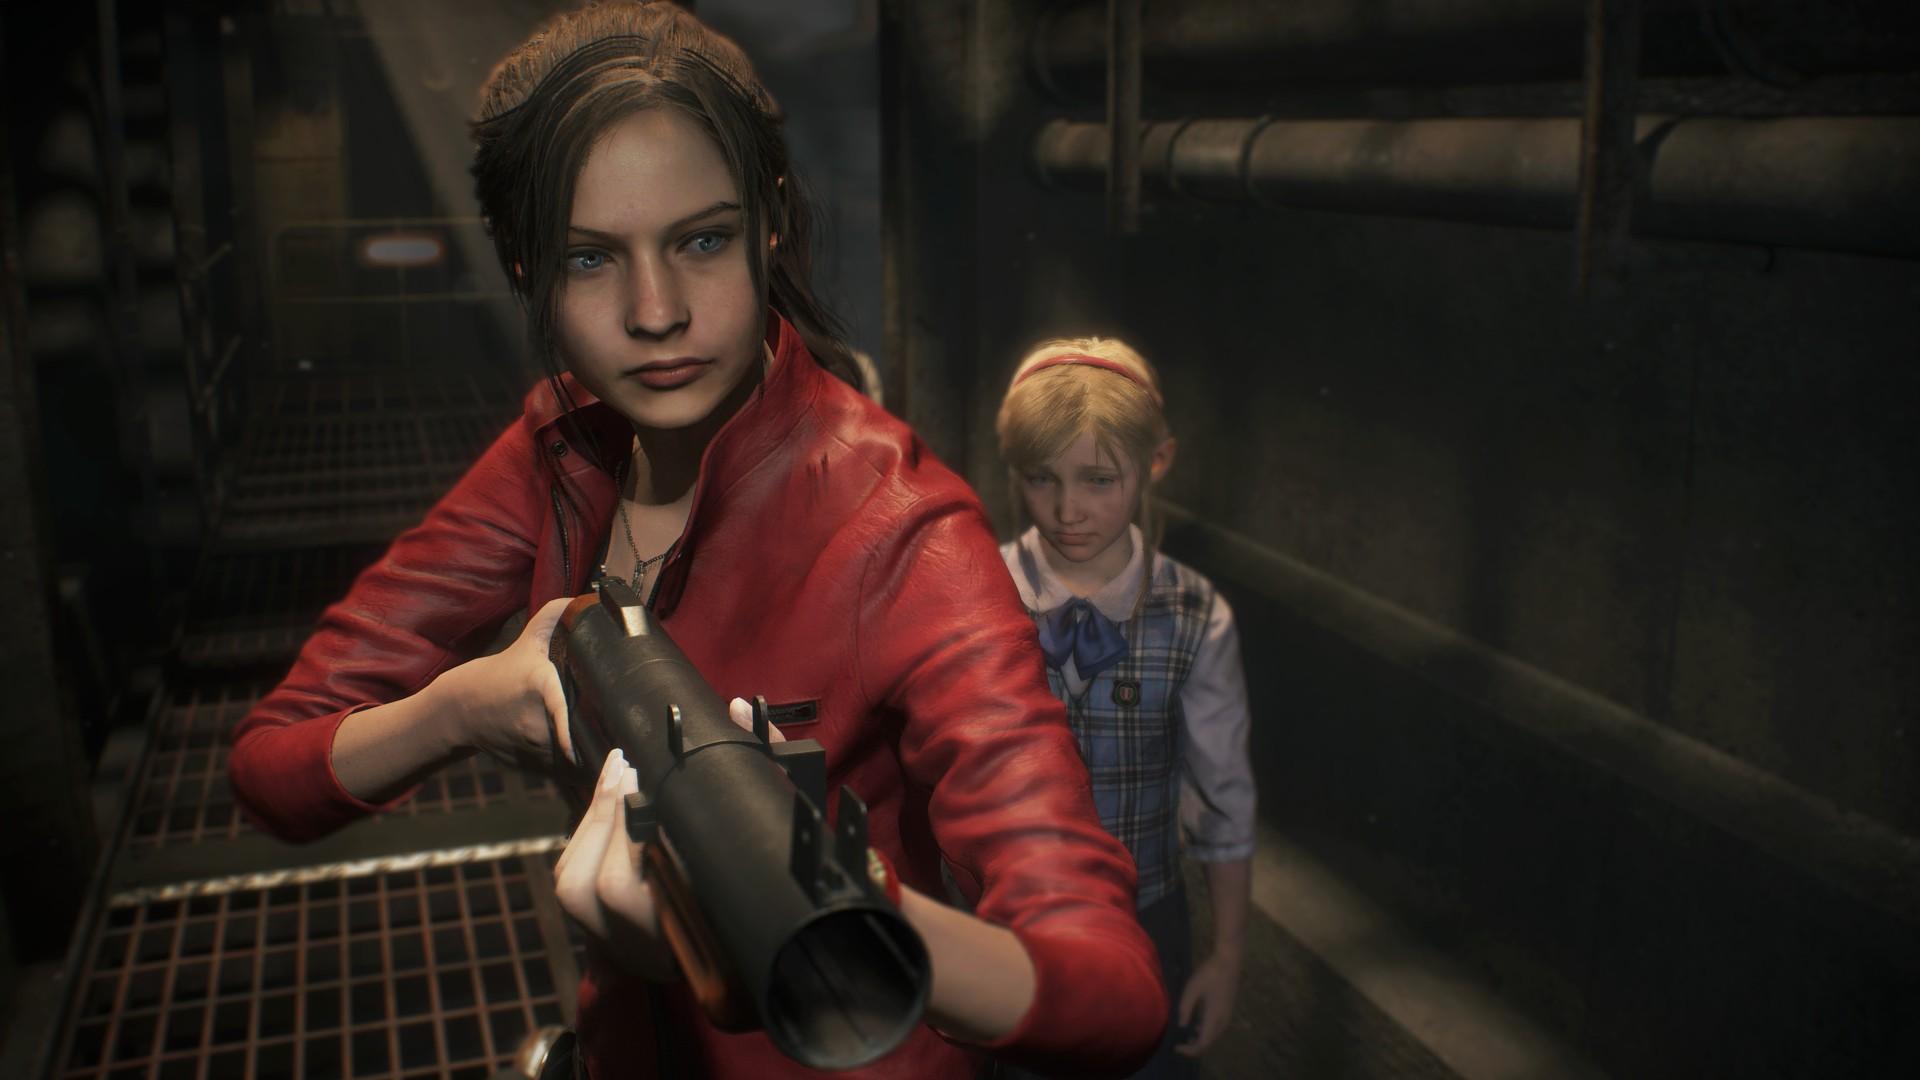 Resident Evil 2: jogamos a campanha da Claire e a experiência foi incrível